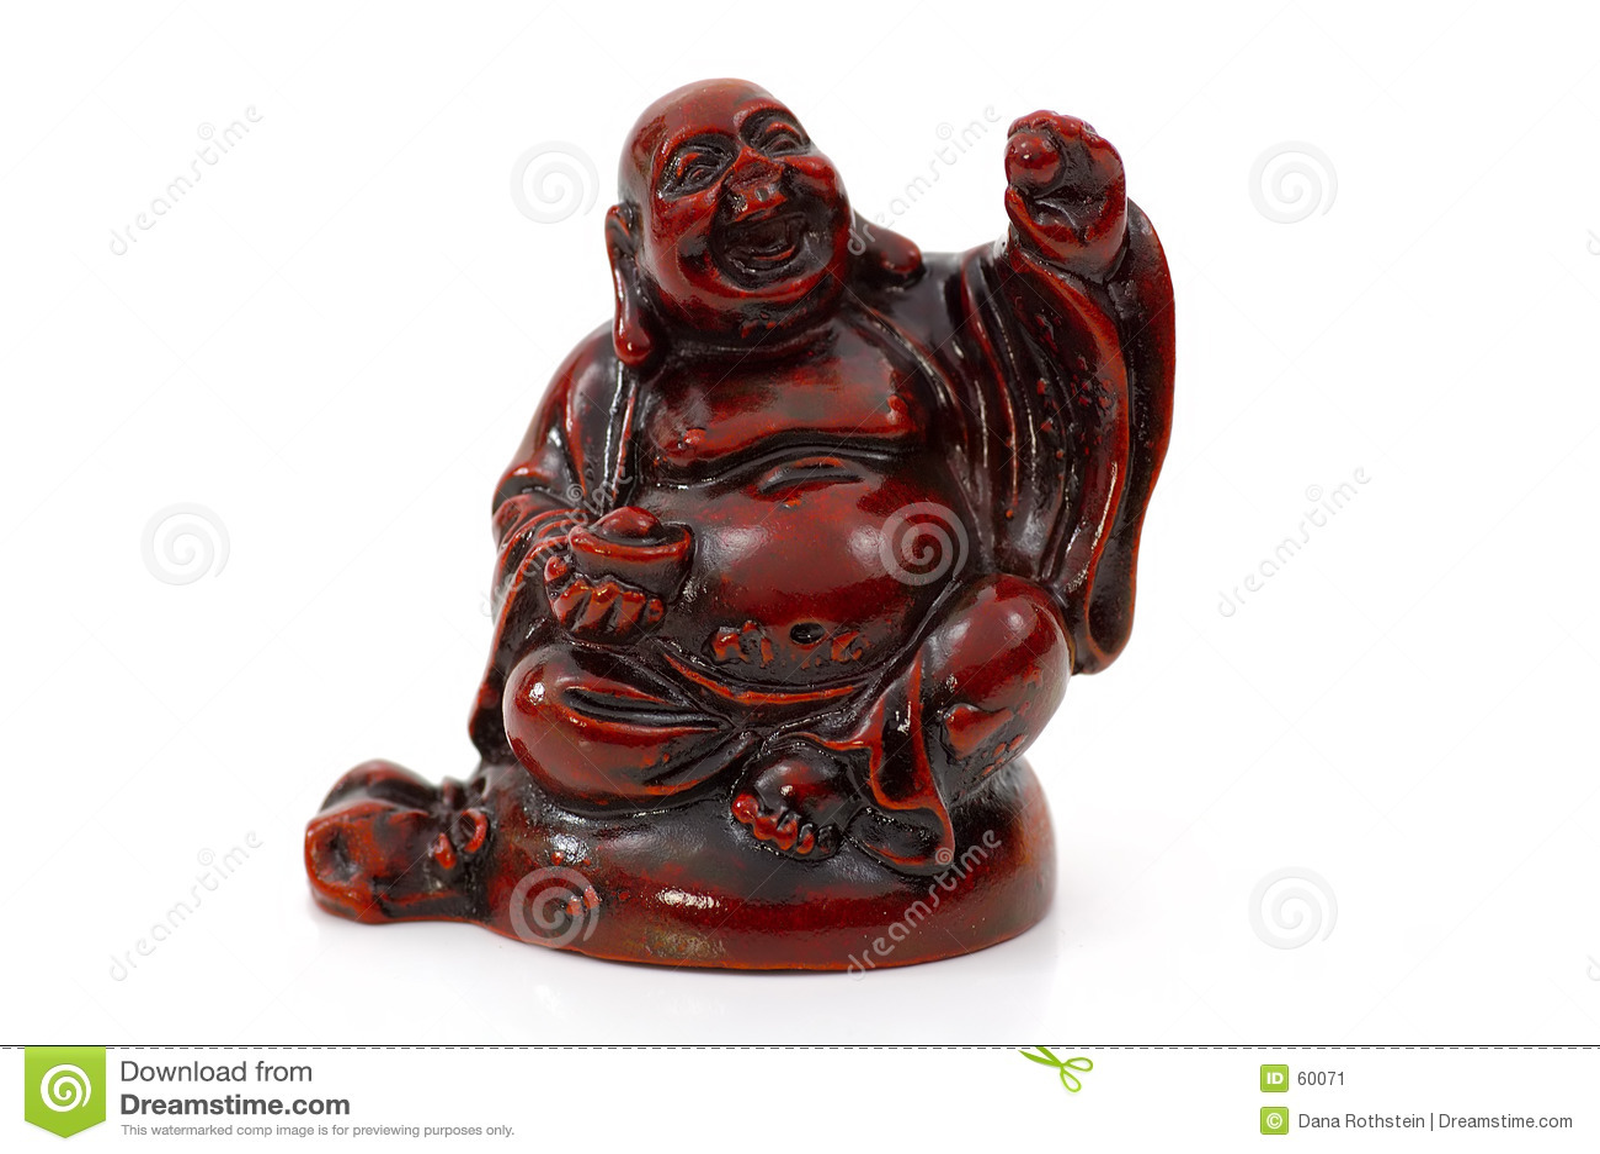 Budha isolado